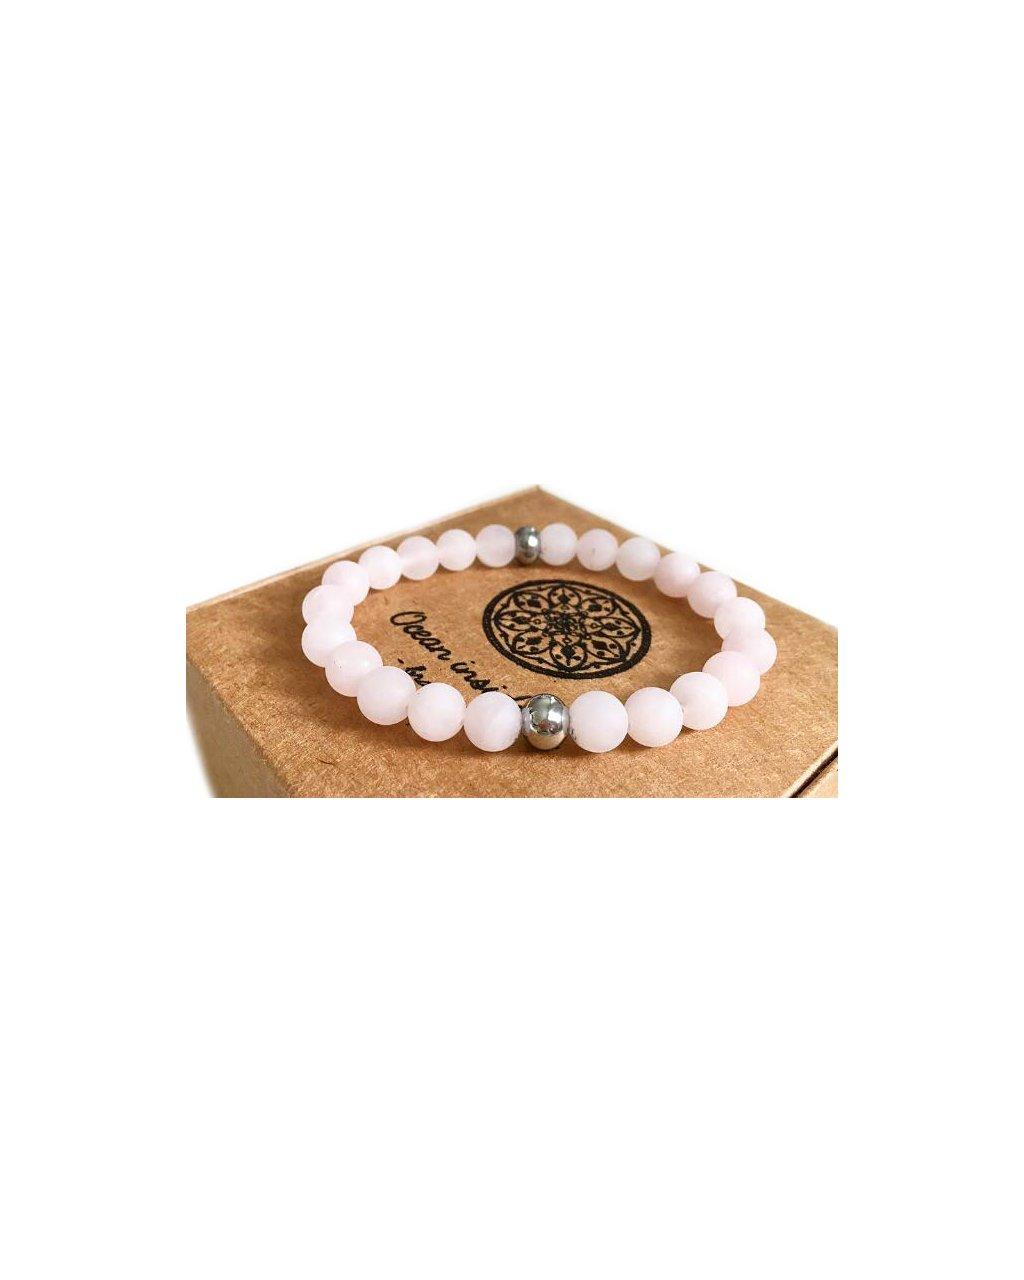 Náramek z minerálu jemný, matný růženín se stříbrnými korálky